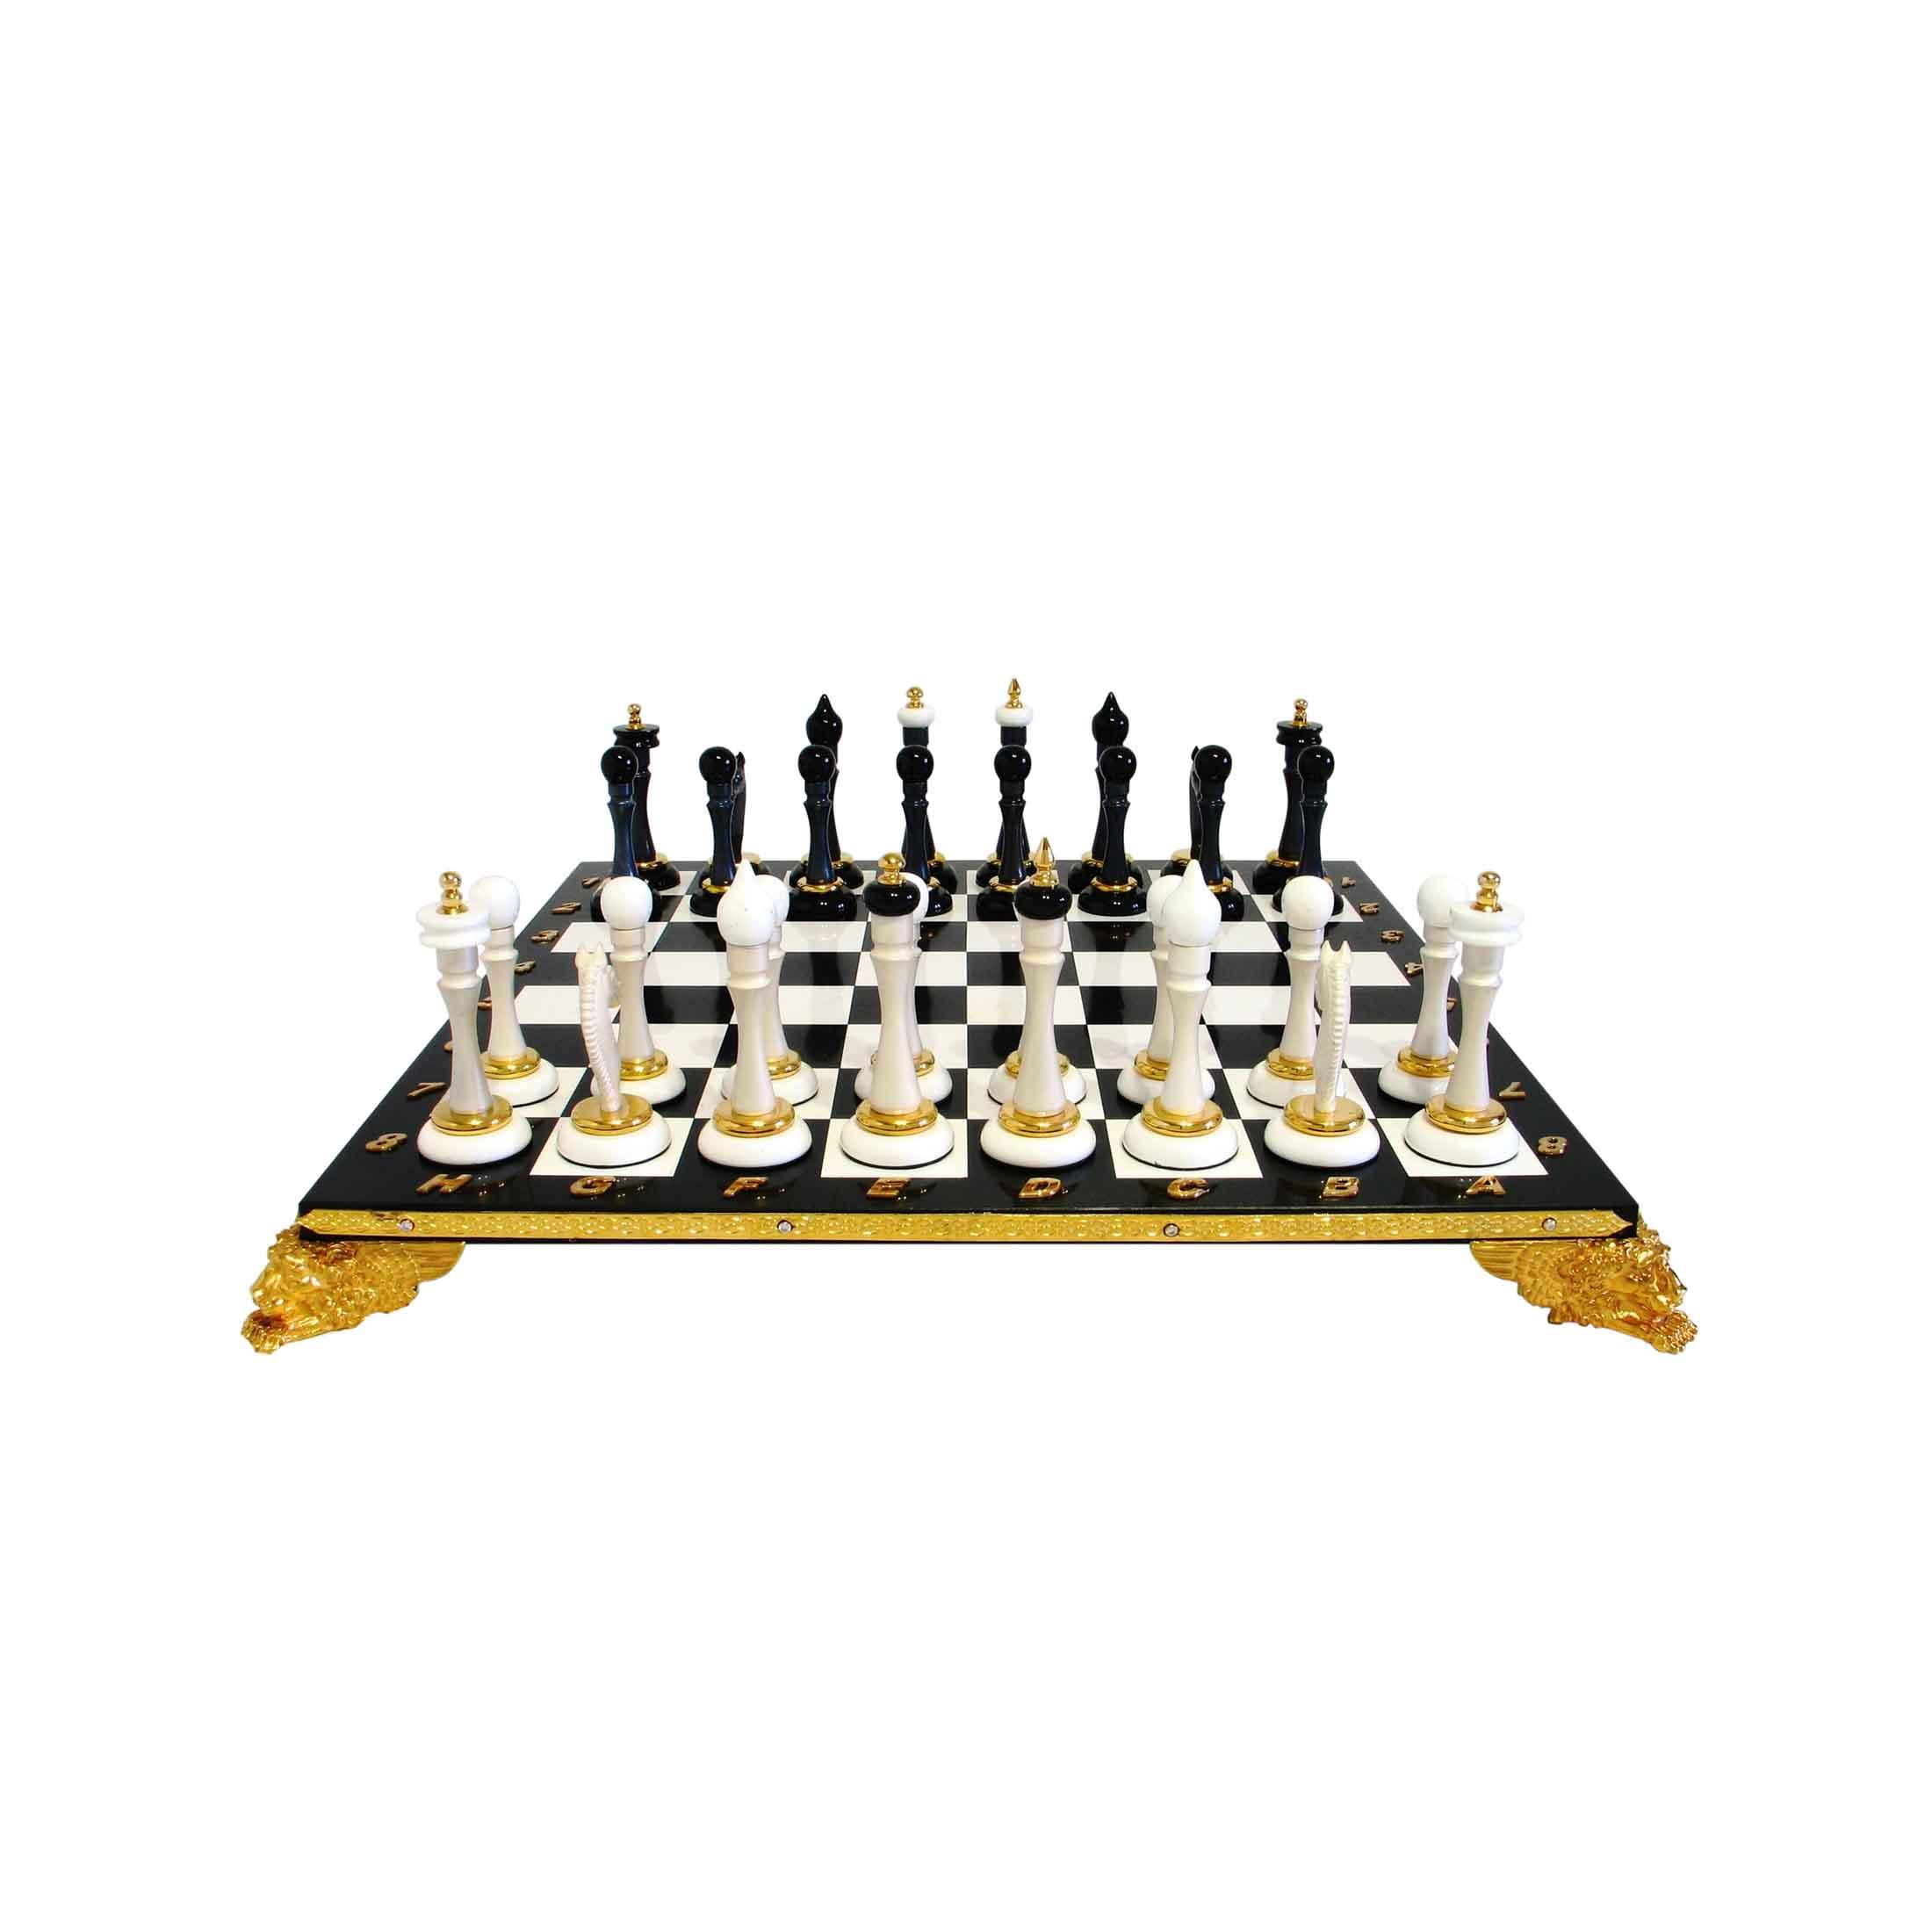 Шахматы от мастерской Златон являются эксклюзивным подарком для любителей этой игры